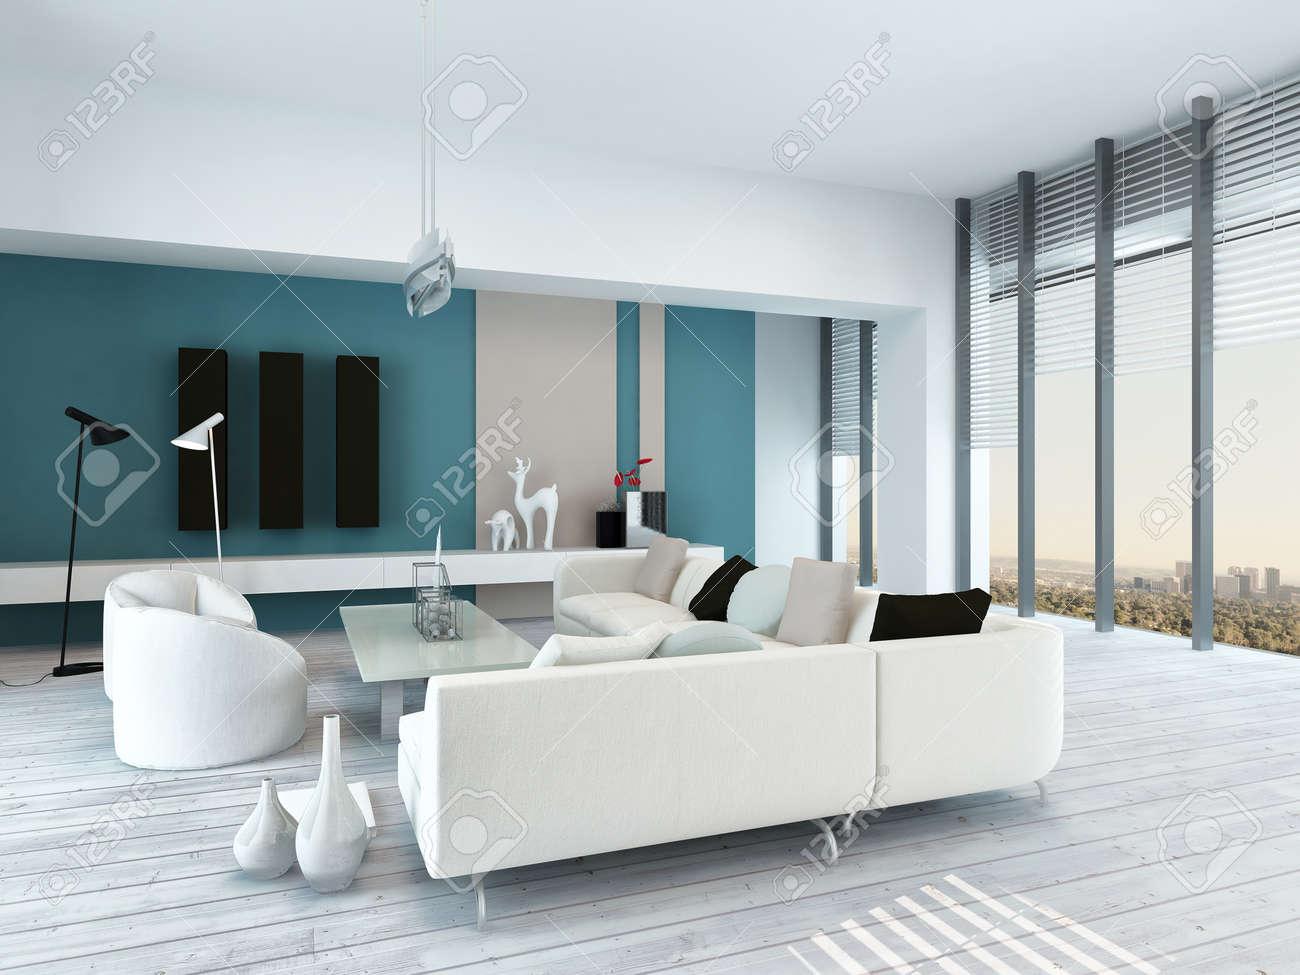 mooie blauwe en witte woonkamer interieur met rustieke wit, Deco ideeën